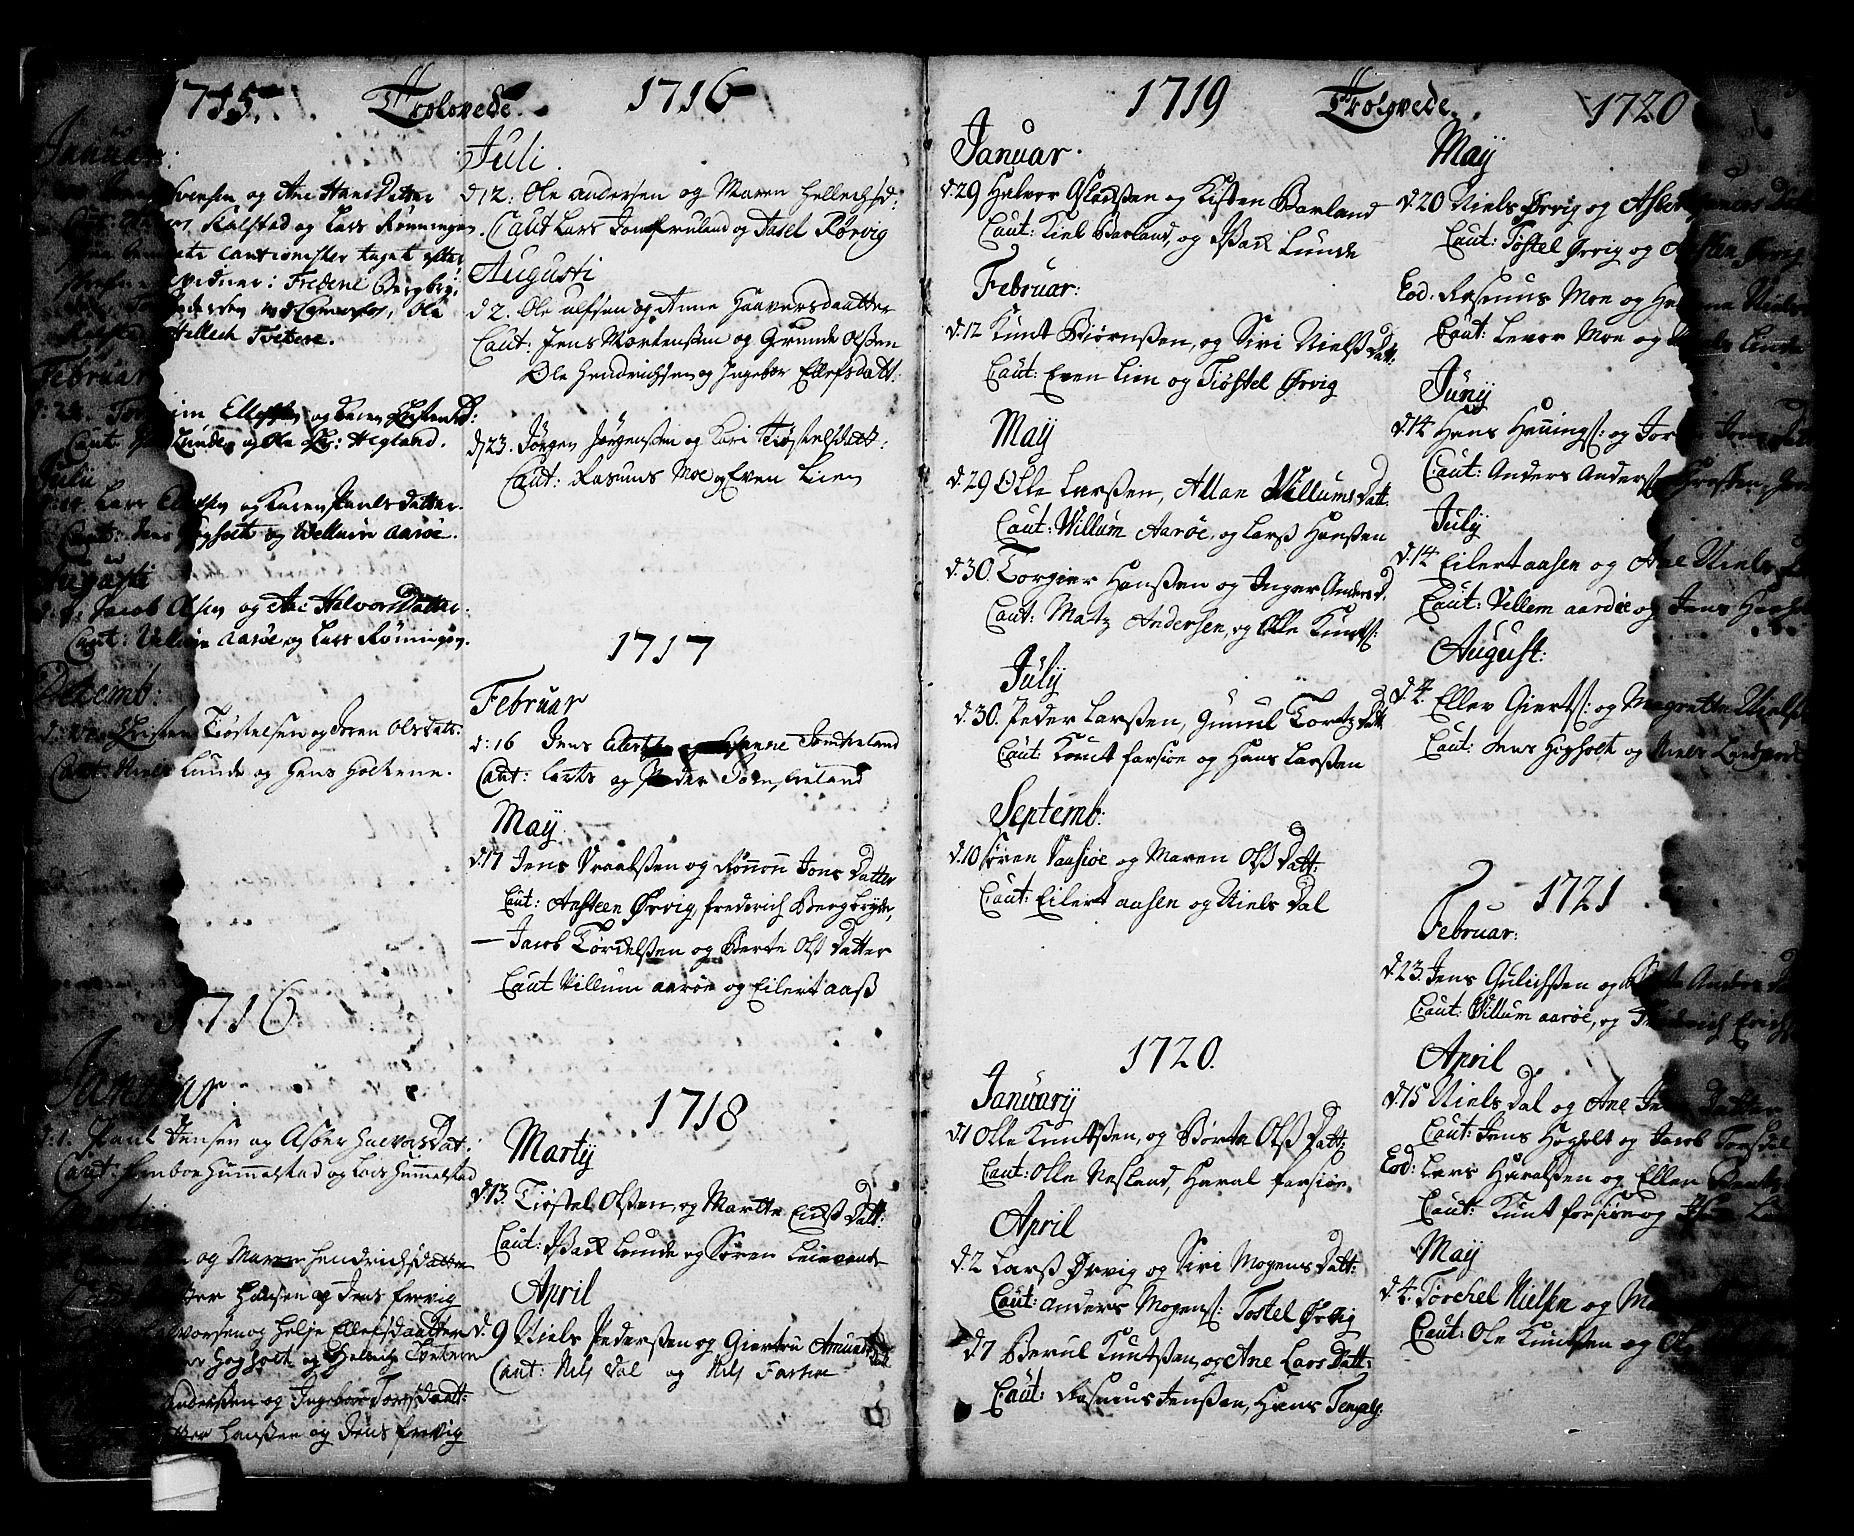 SAKO, Sannidal kirkebøker, F/Fa/L0001: Ministerialbok nr. 1, 1702-1766, s. 4-5